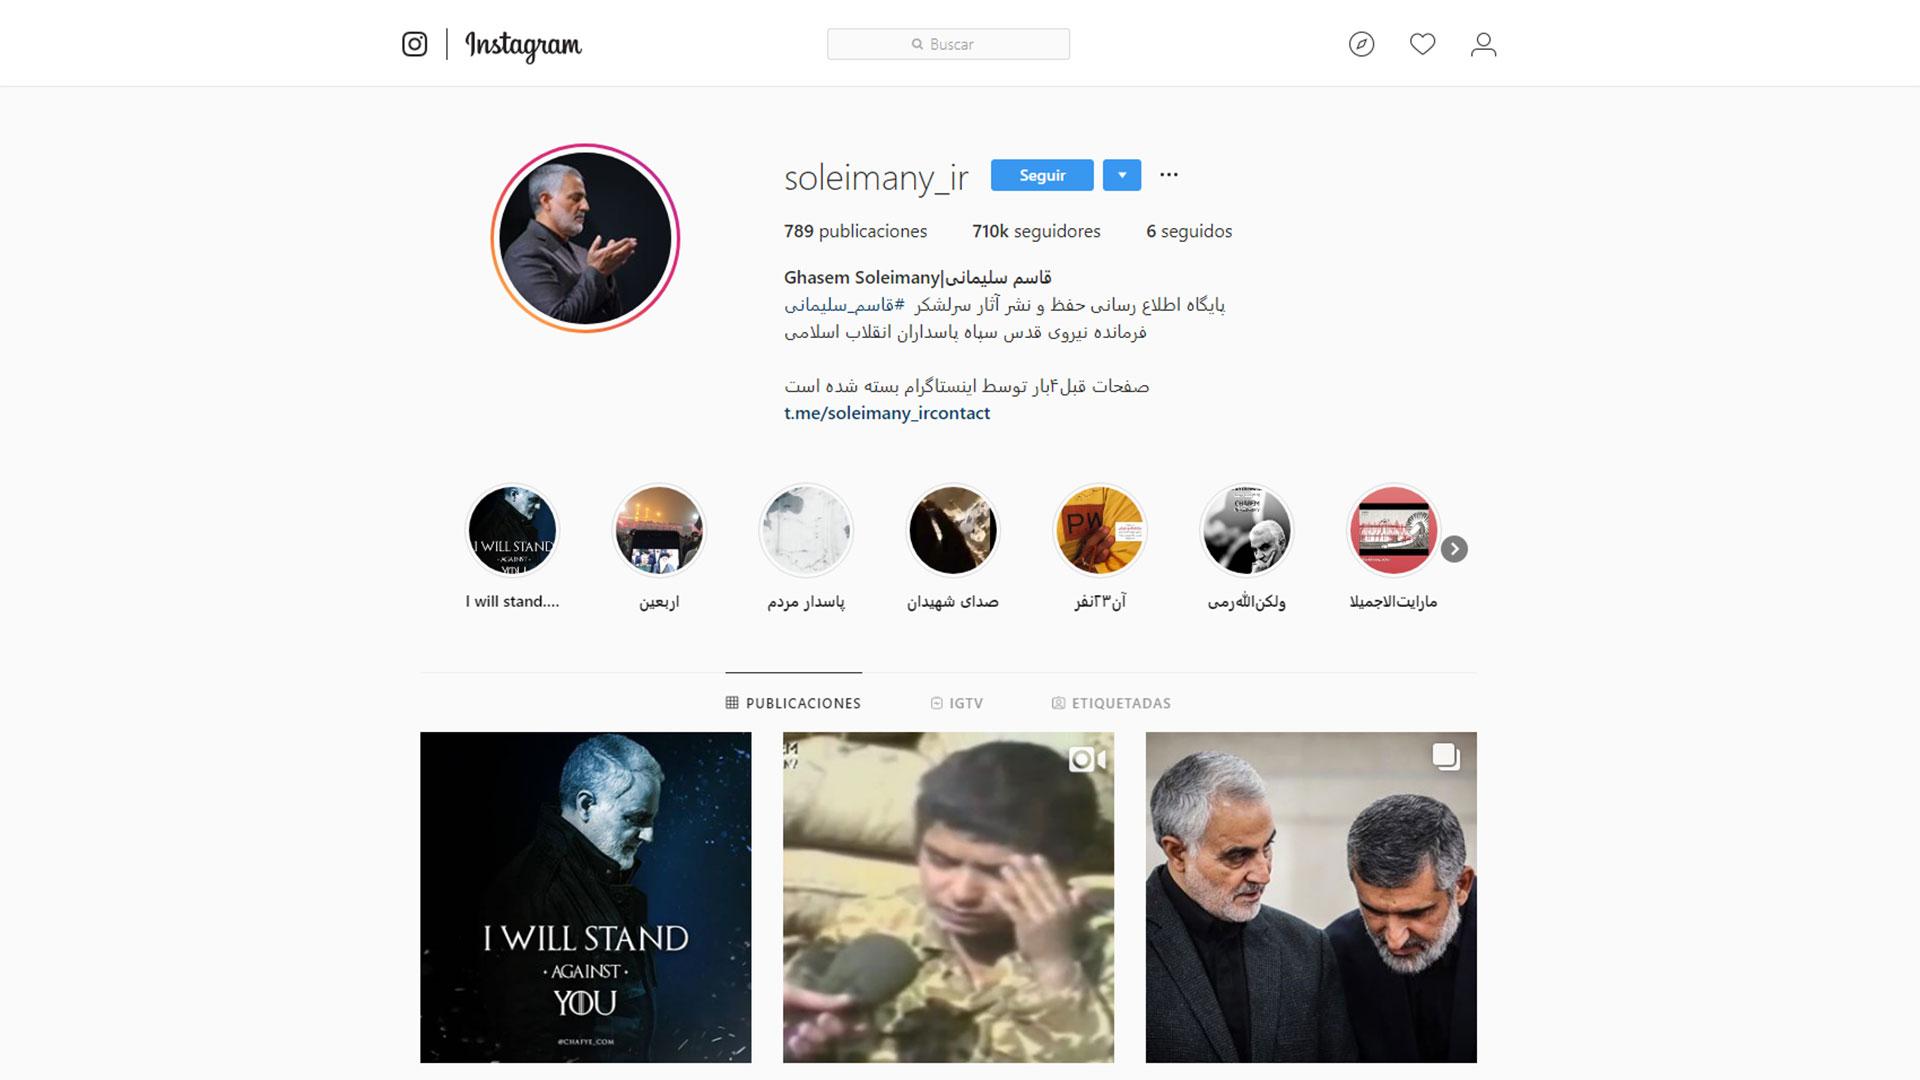 La cuenta de Instagram en la que fue publicada la respuesta de Irán